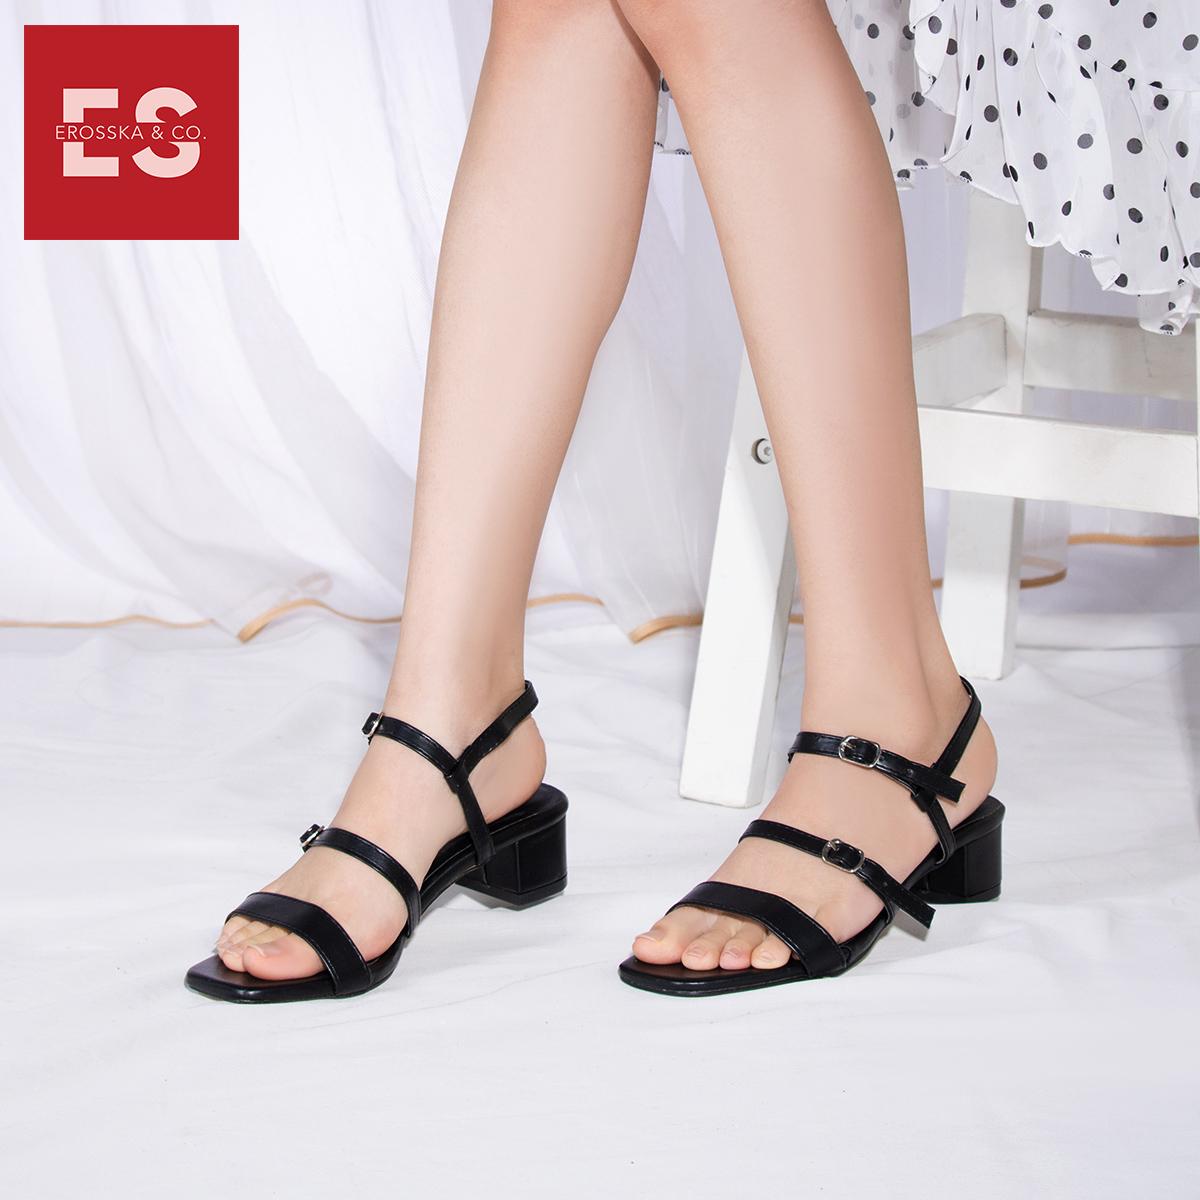 Gia y sandal cao gót Erosska thơ i trang mũi vuông phô i dây quai ma nh cao 3cm EB018 3